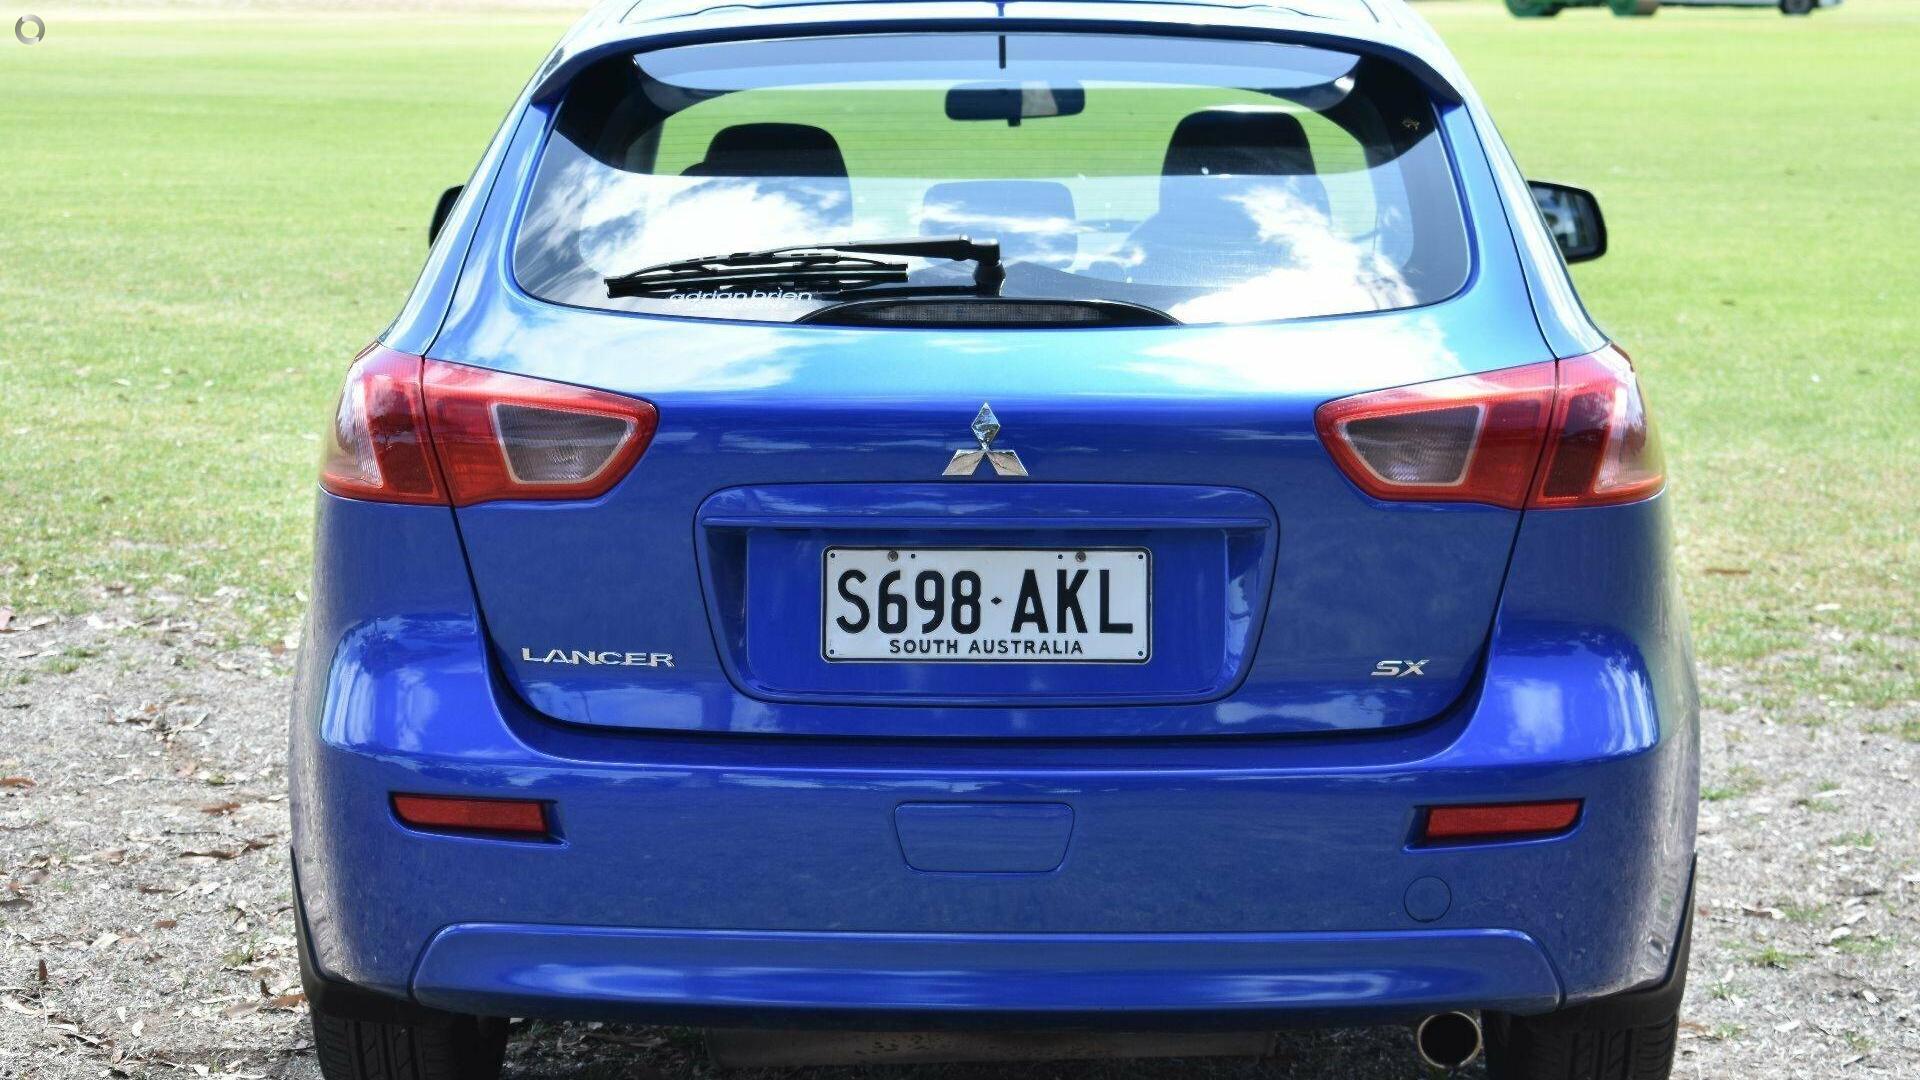 2010 Mitsubishi Lancer SX CJ